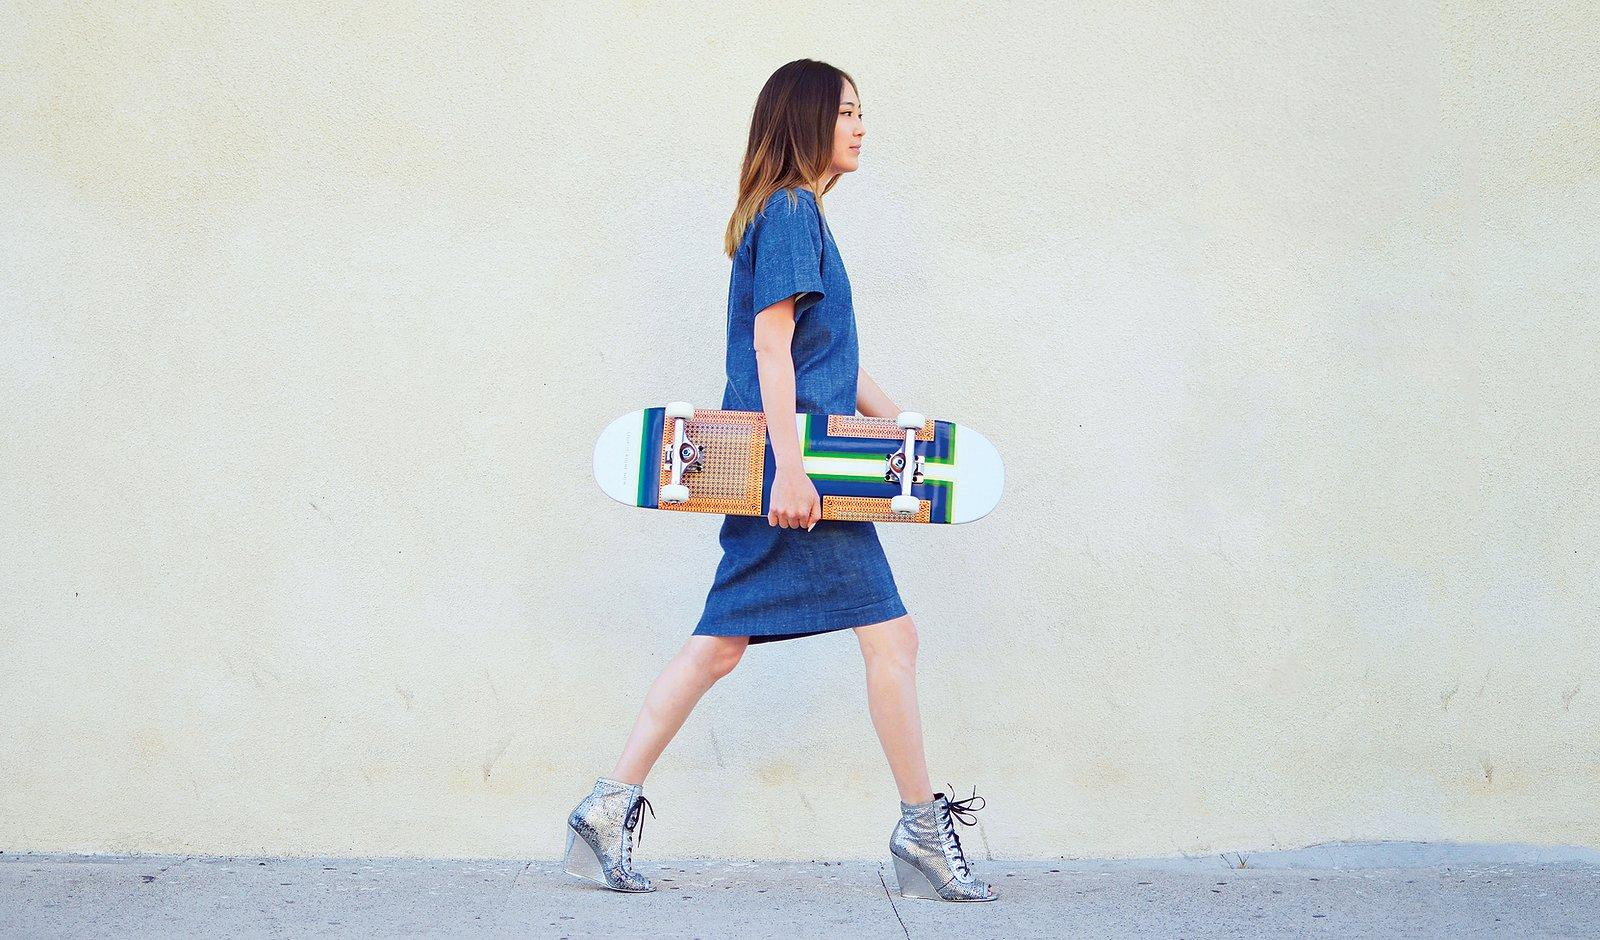 skateboards-0_15020366773